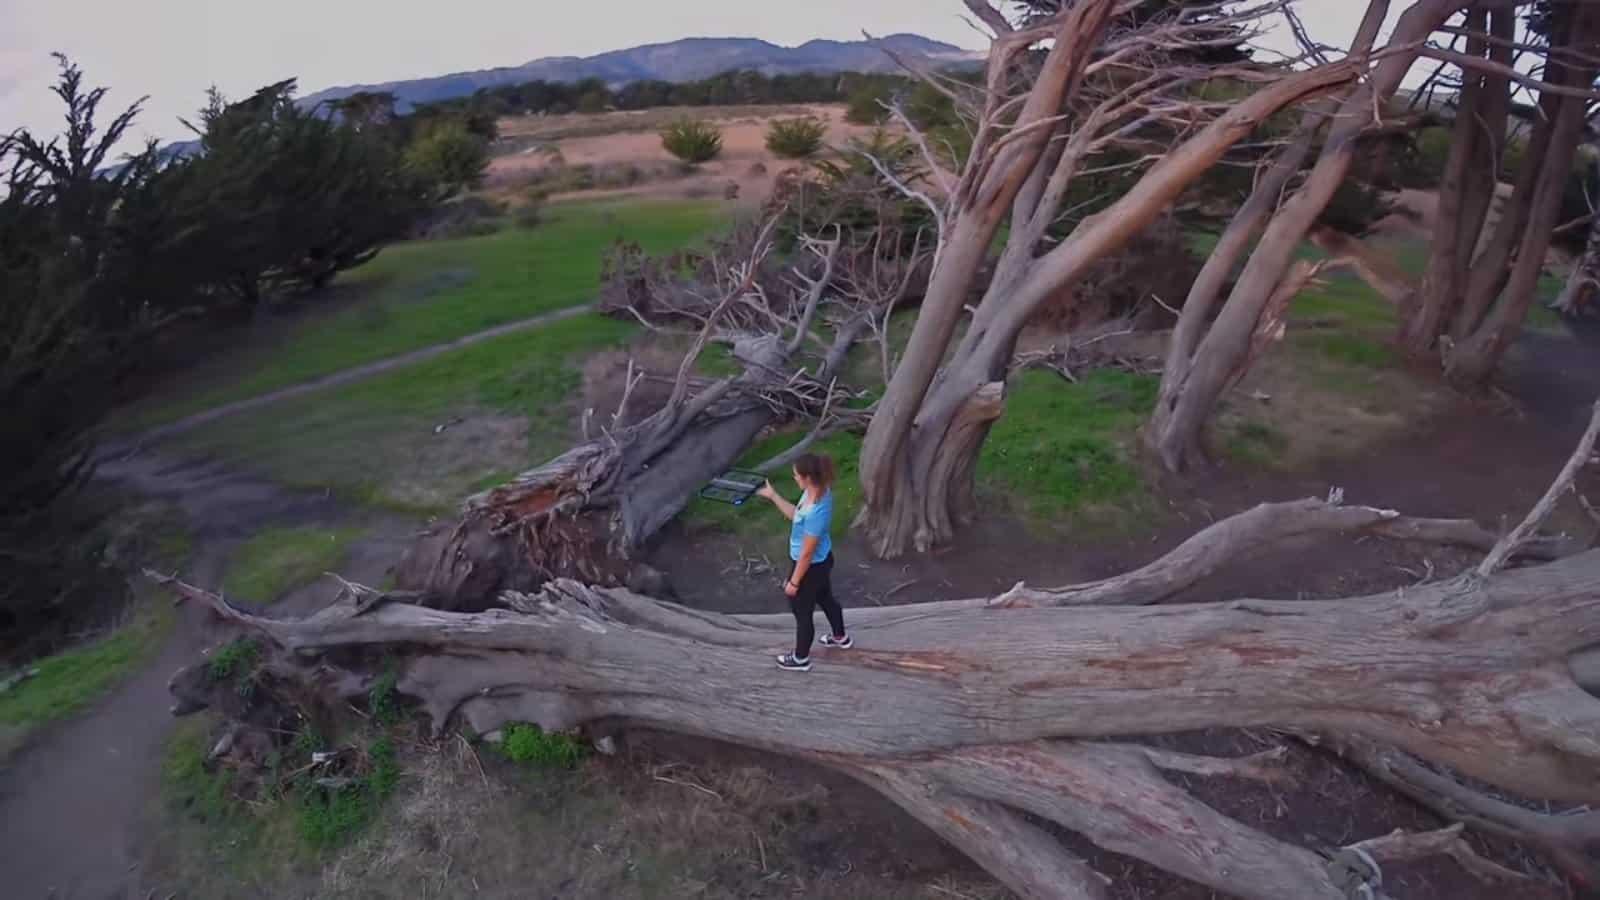 Skydio R1 drone takeoff